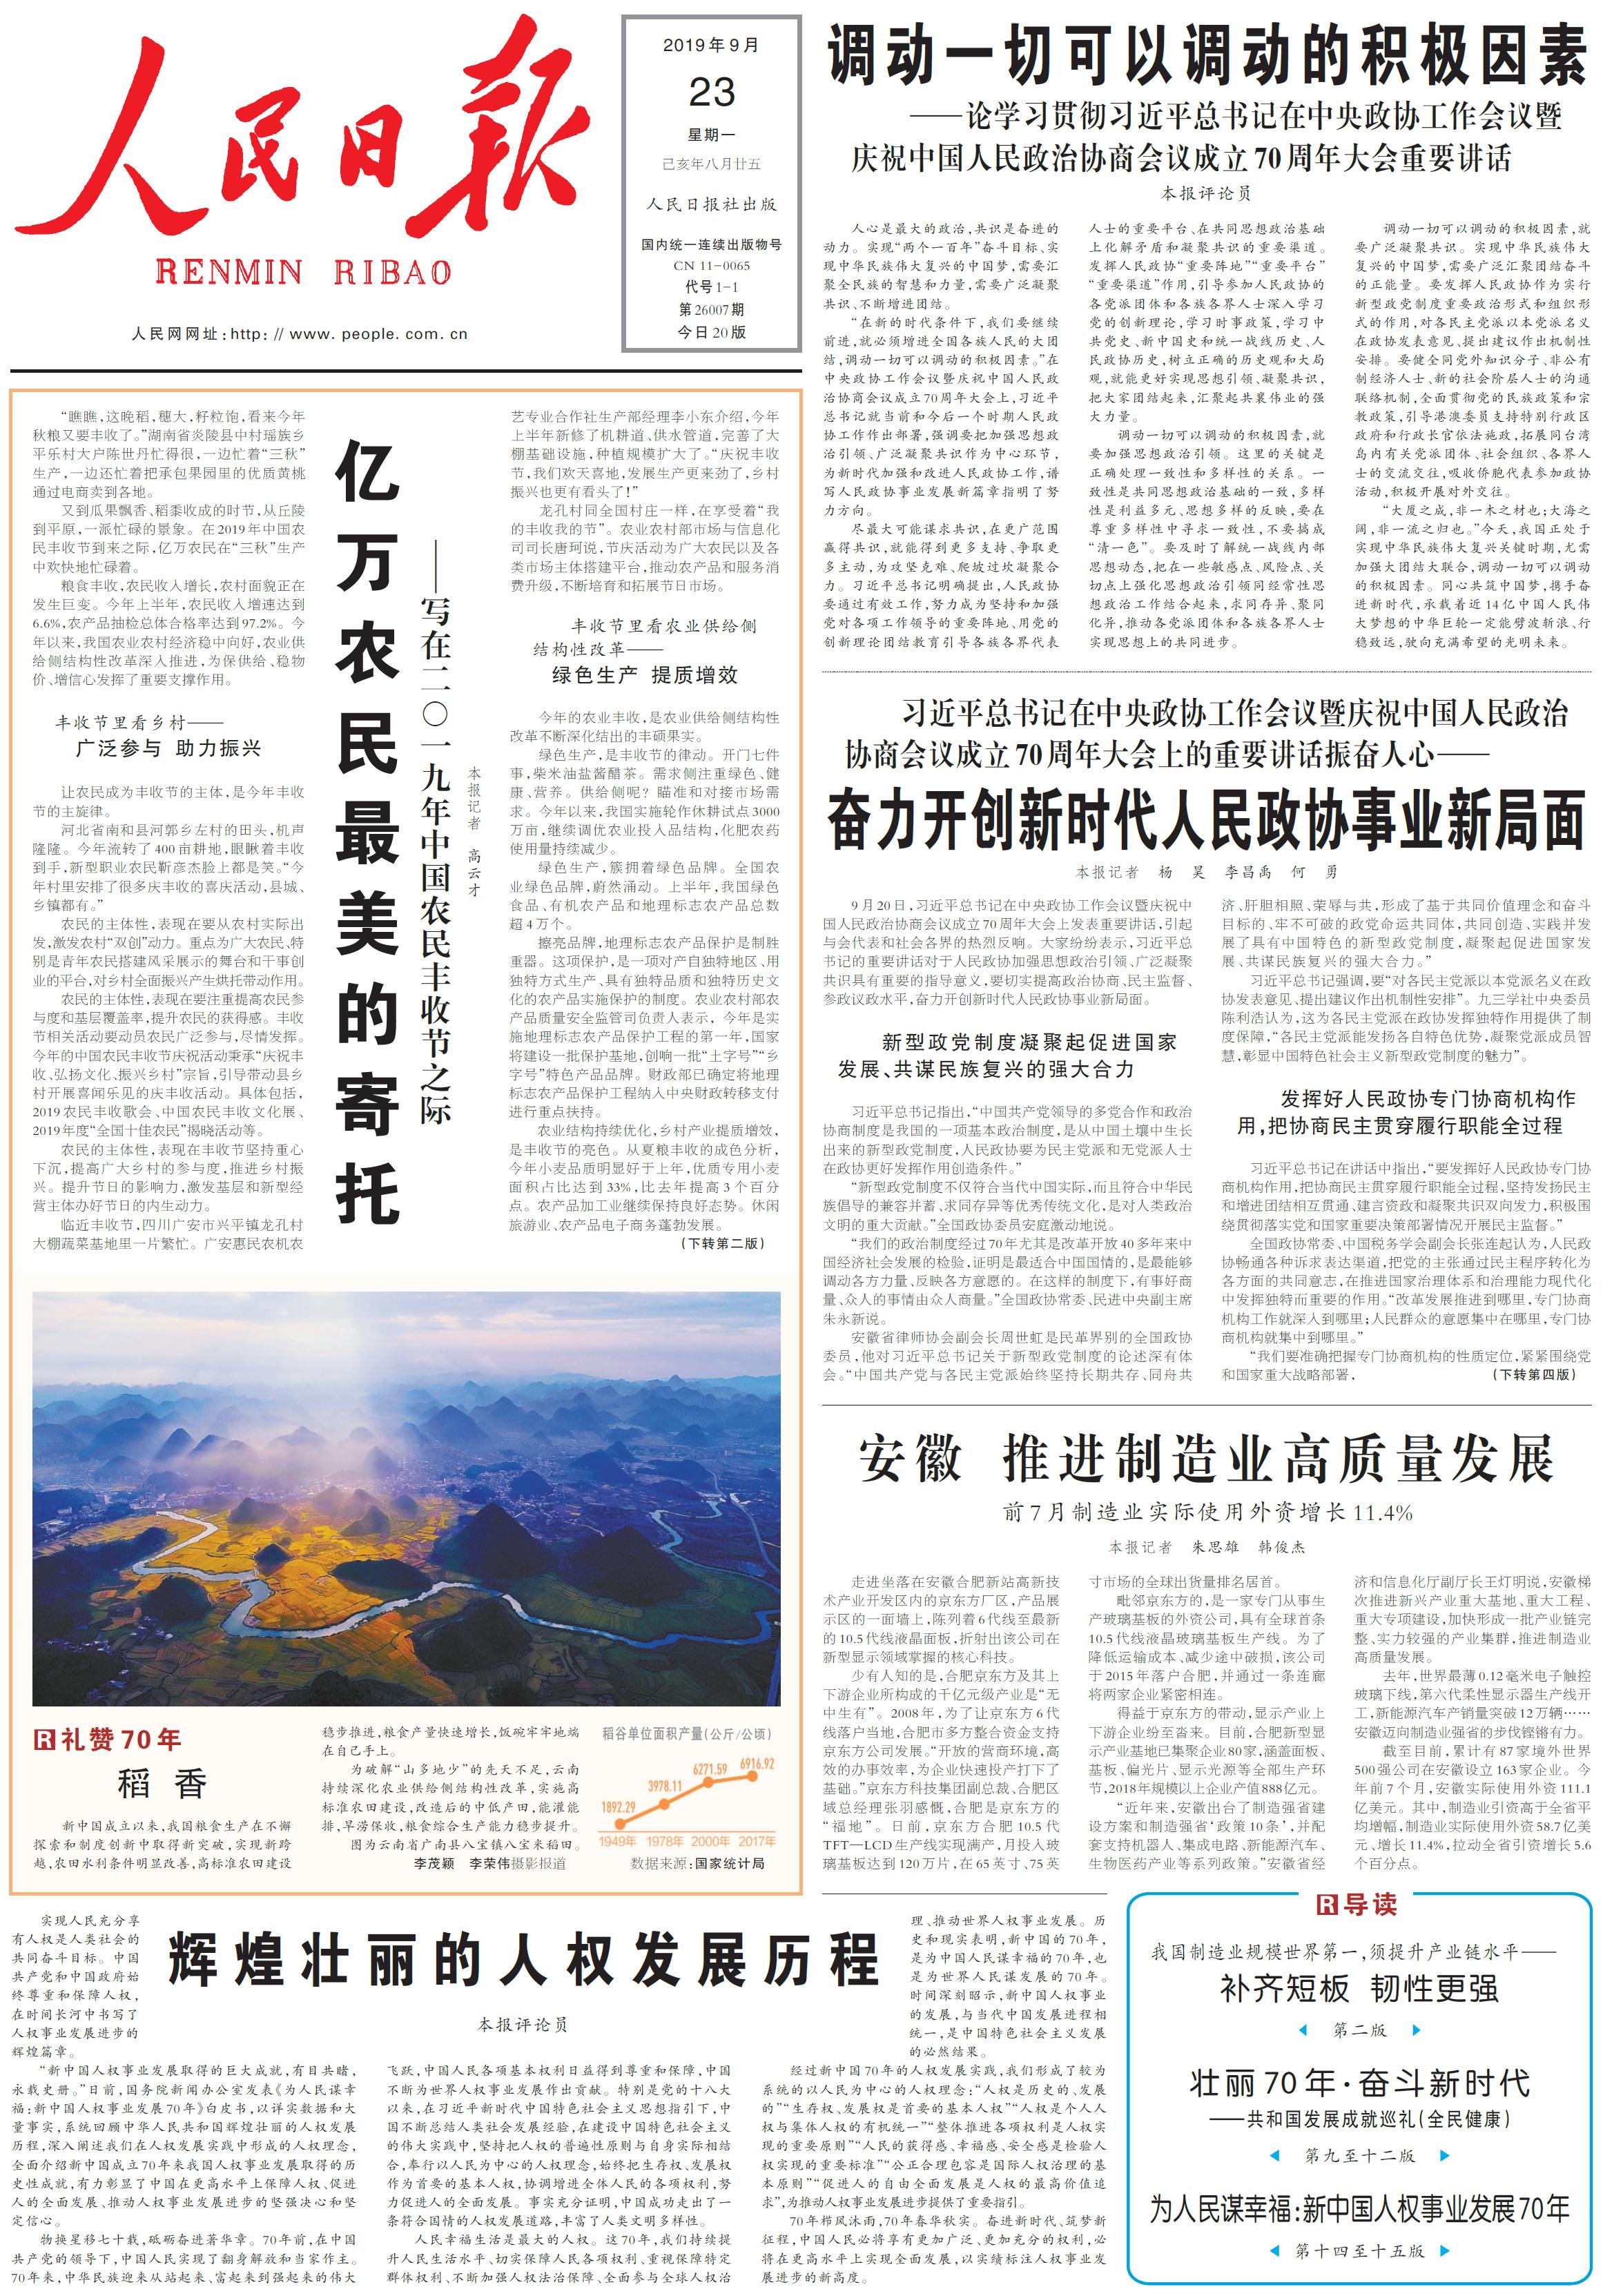 广州南方日报大厦